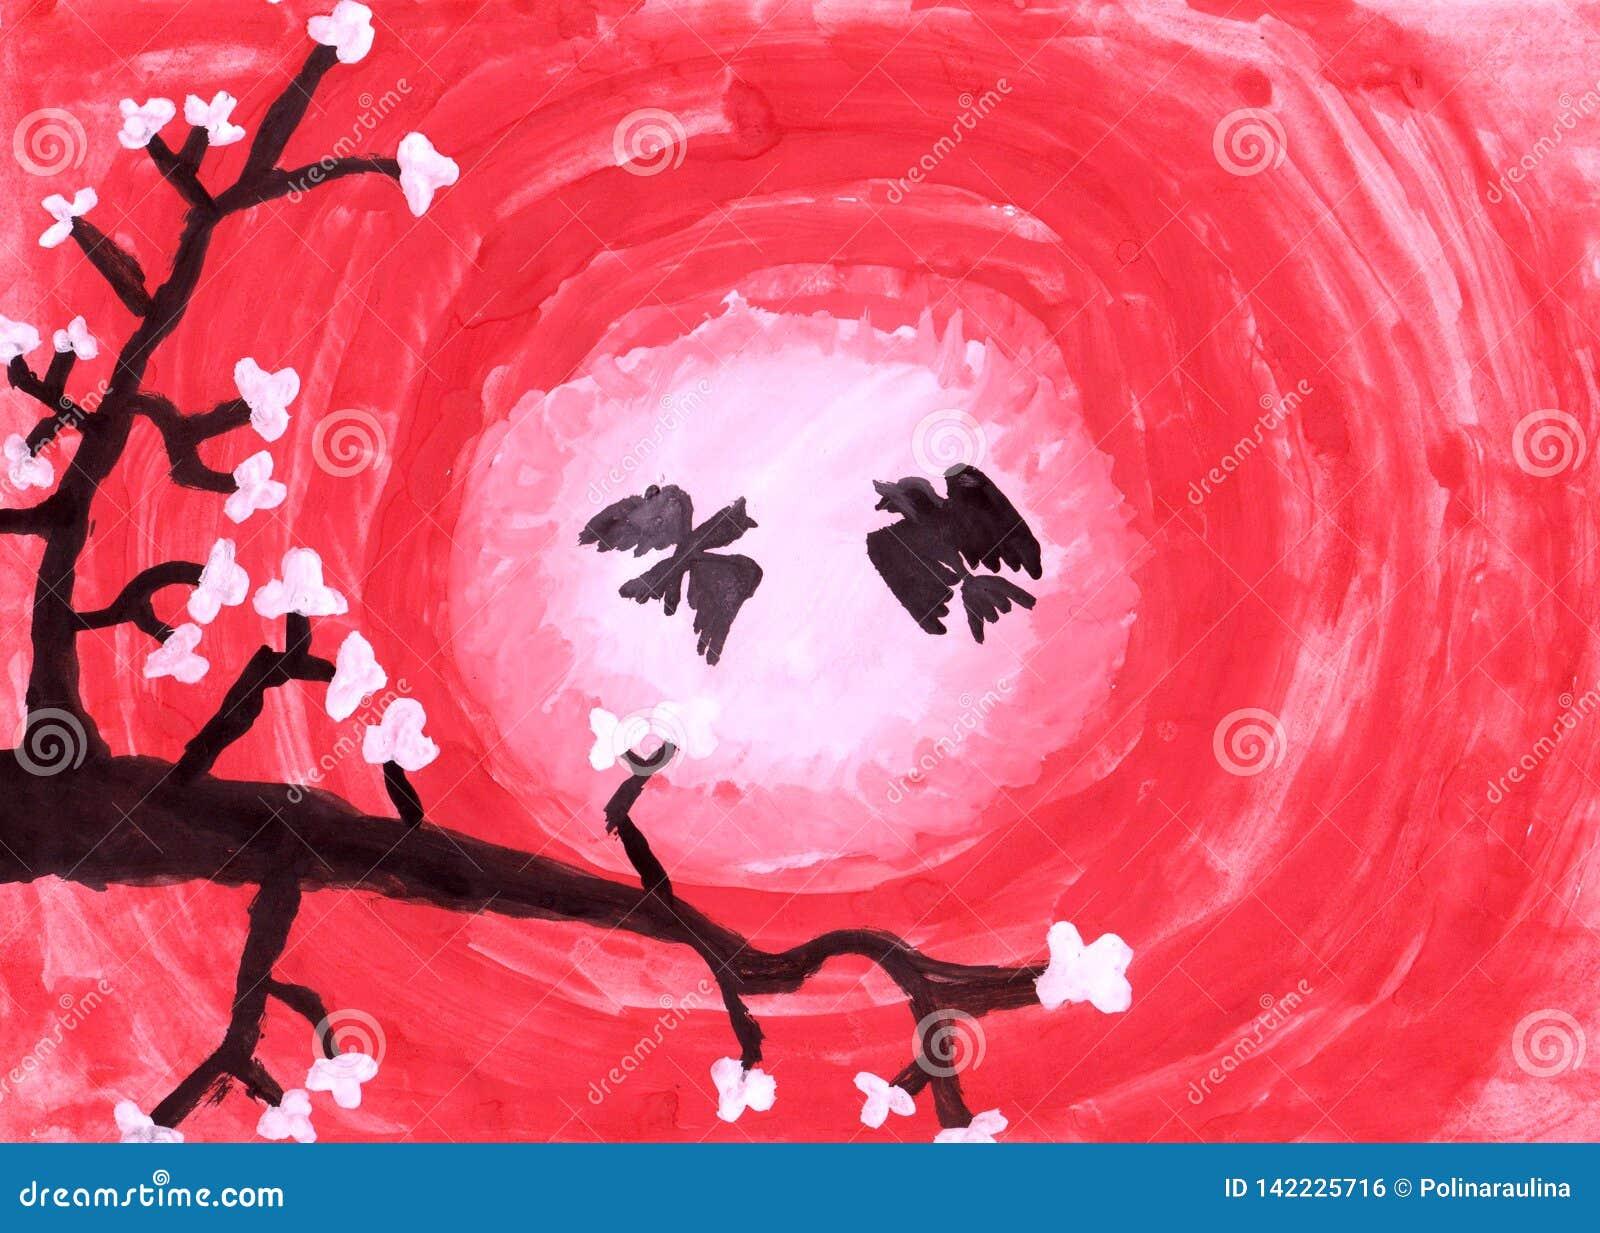 Dessin De L Enfant S Sakura Une Branche Des Fleurs De Cerisier Avec Des Oiseaux Au Coucher Du Soleil Illustration Stock Illustration Du Sakura Enfant 142225716